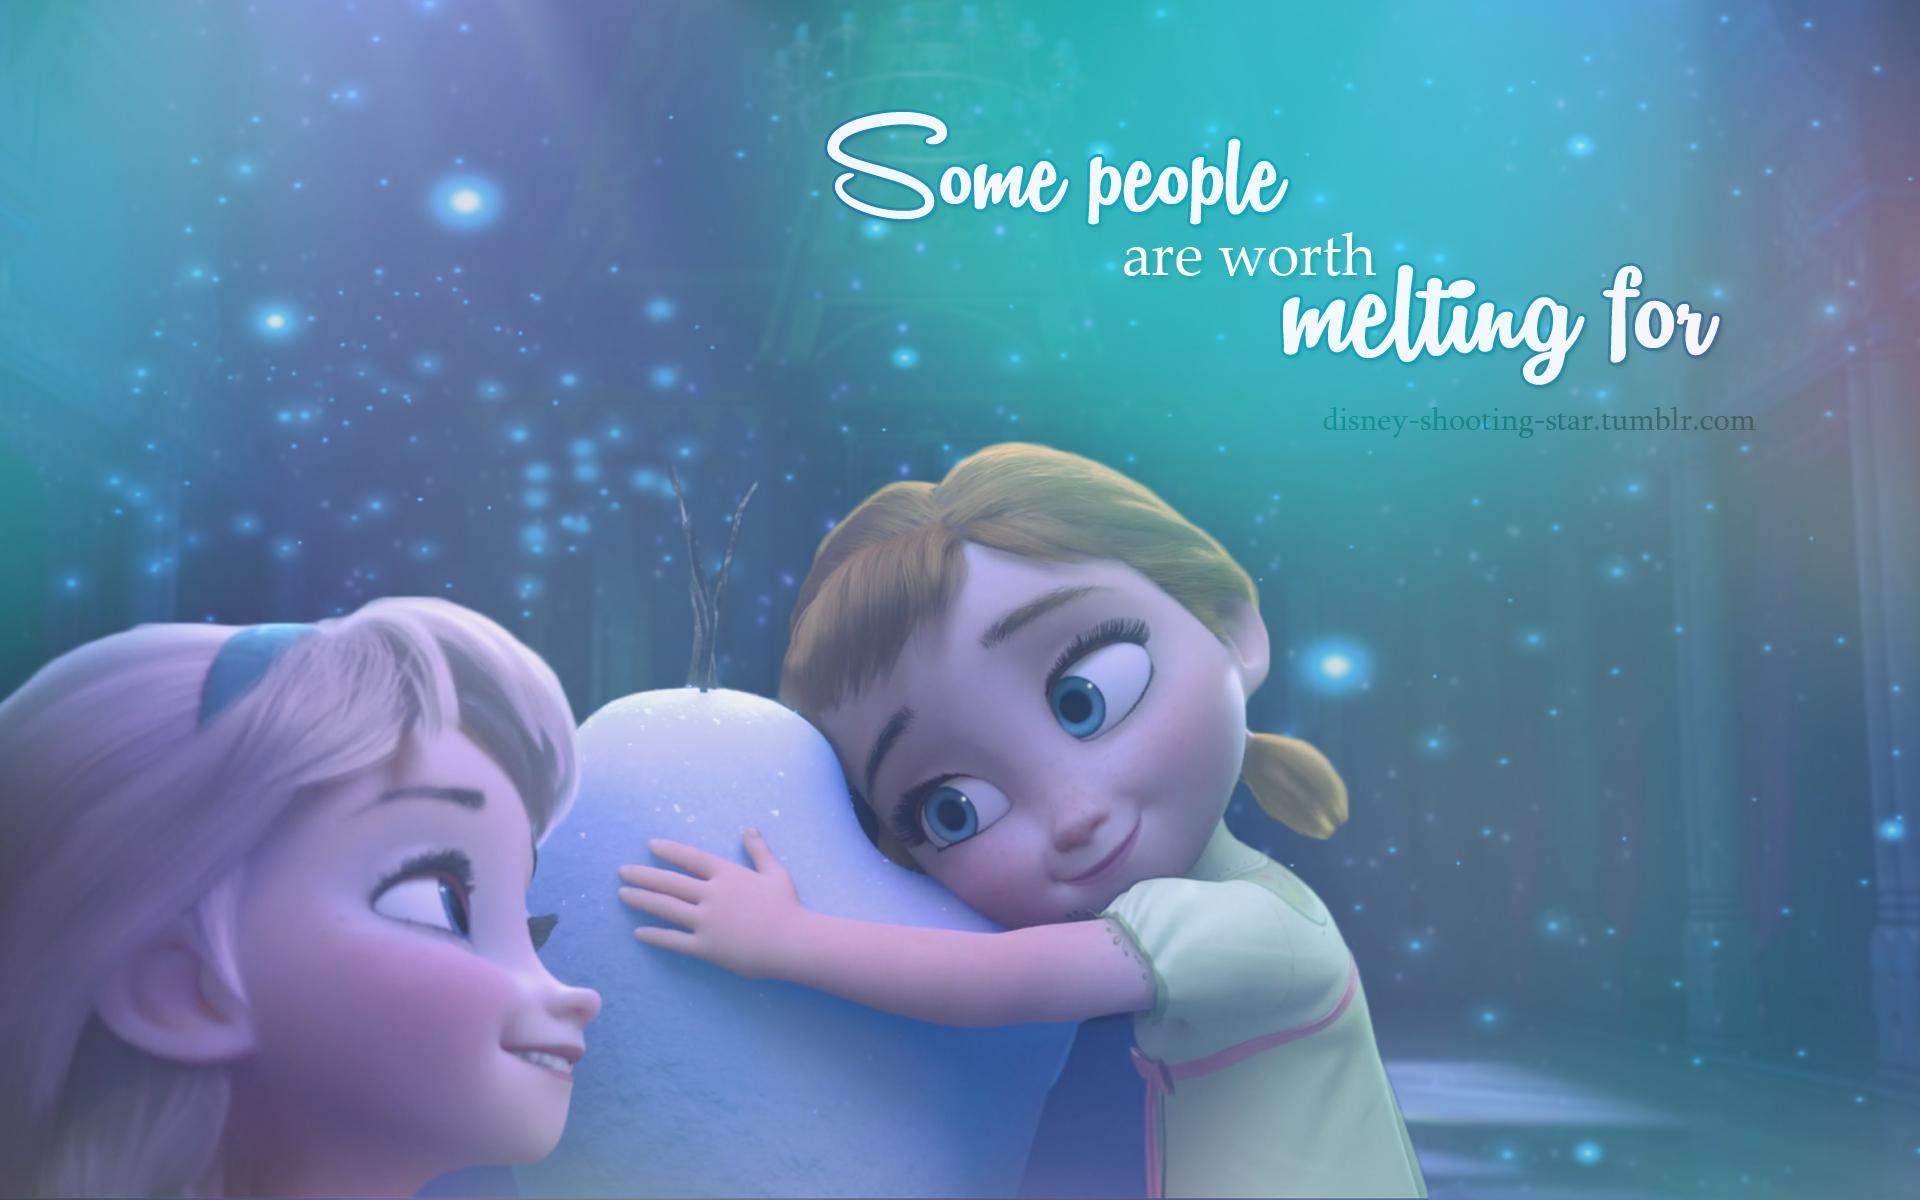 Elsa and Anna Wallpaper   Elsa the Snow Queen Wallpaper 38495966 1920x1200